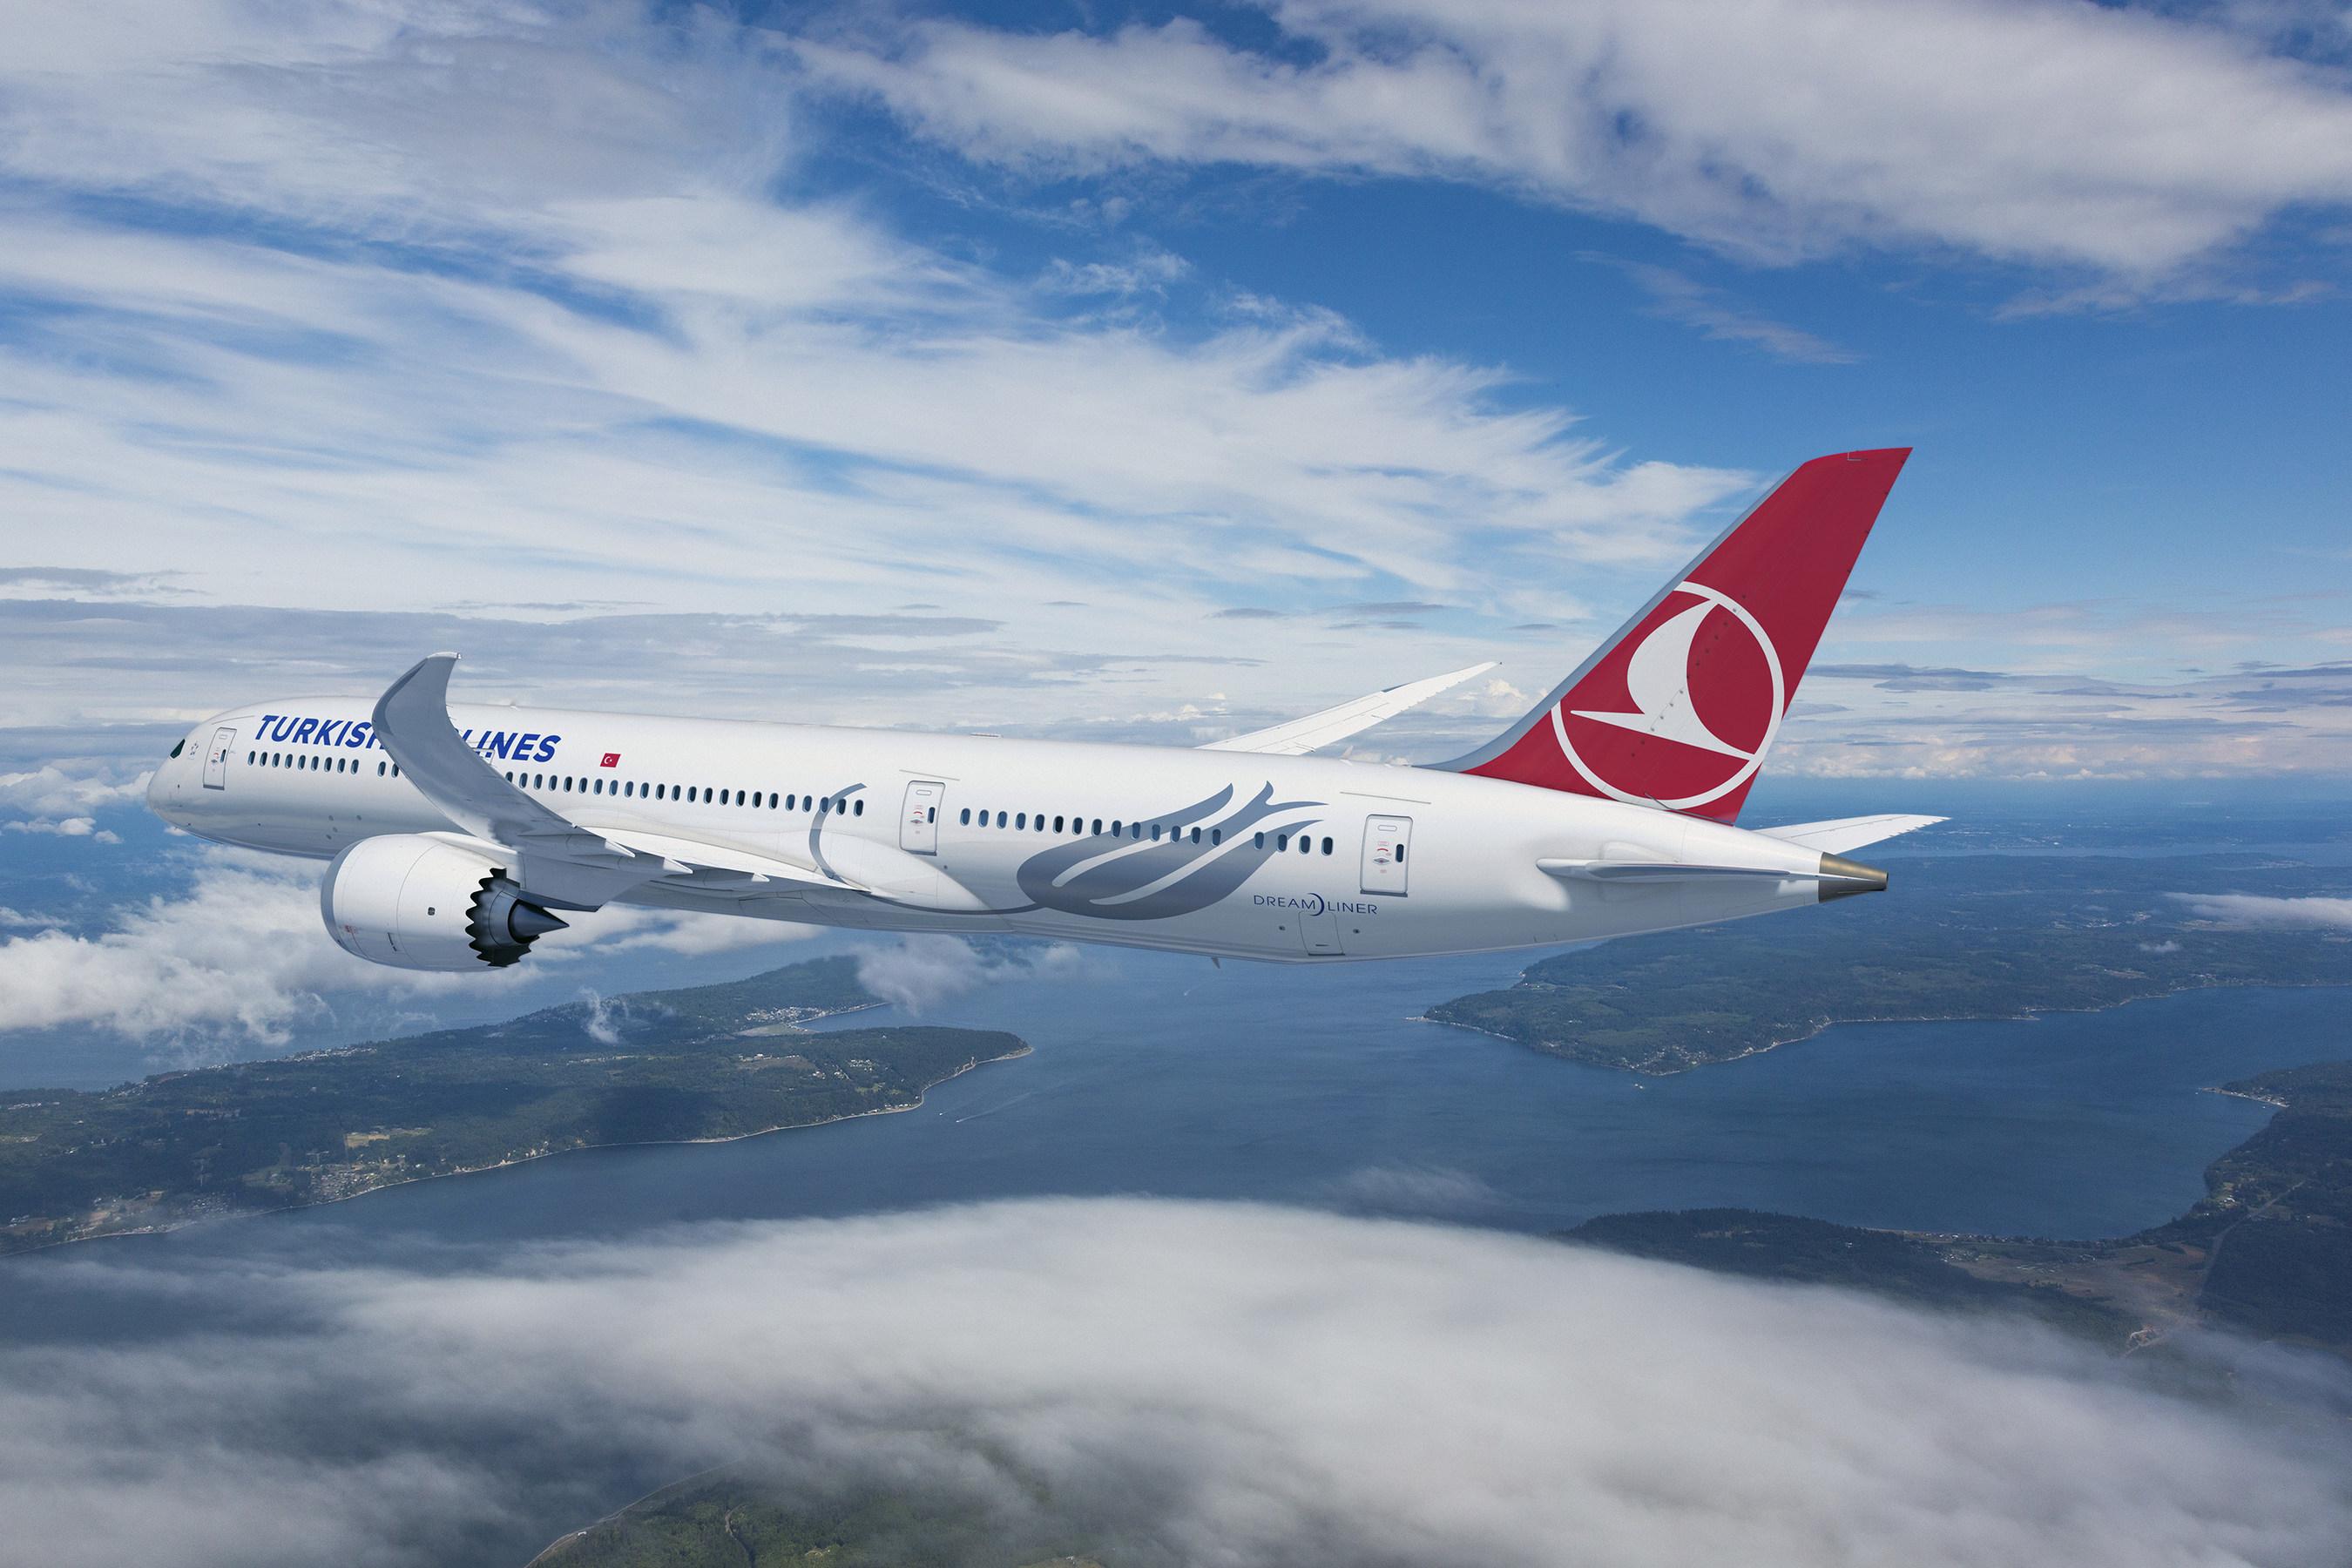 Turkish Airlines Boeing 787-9 Dreamliner. (Boeing illustration) (PRNewsfoto/Boeing)